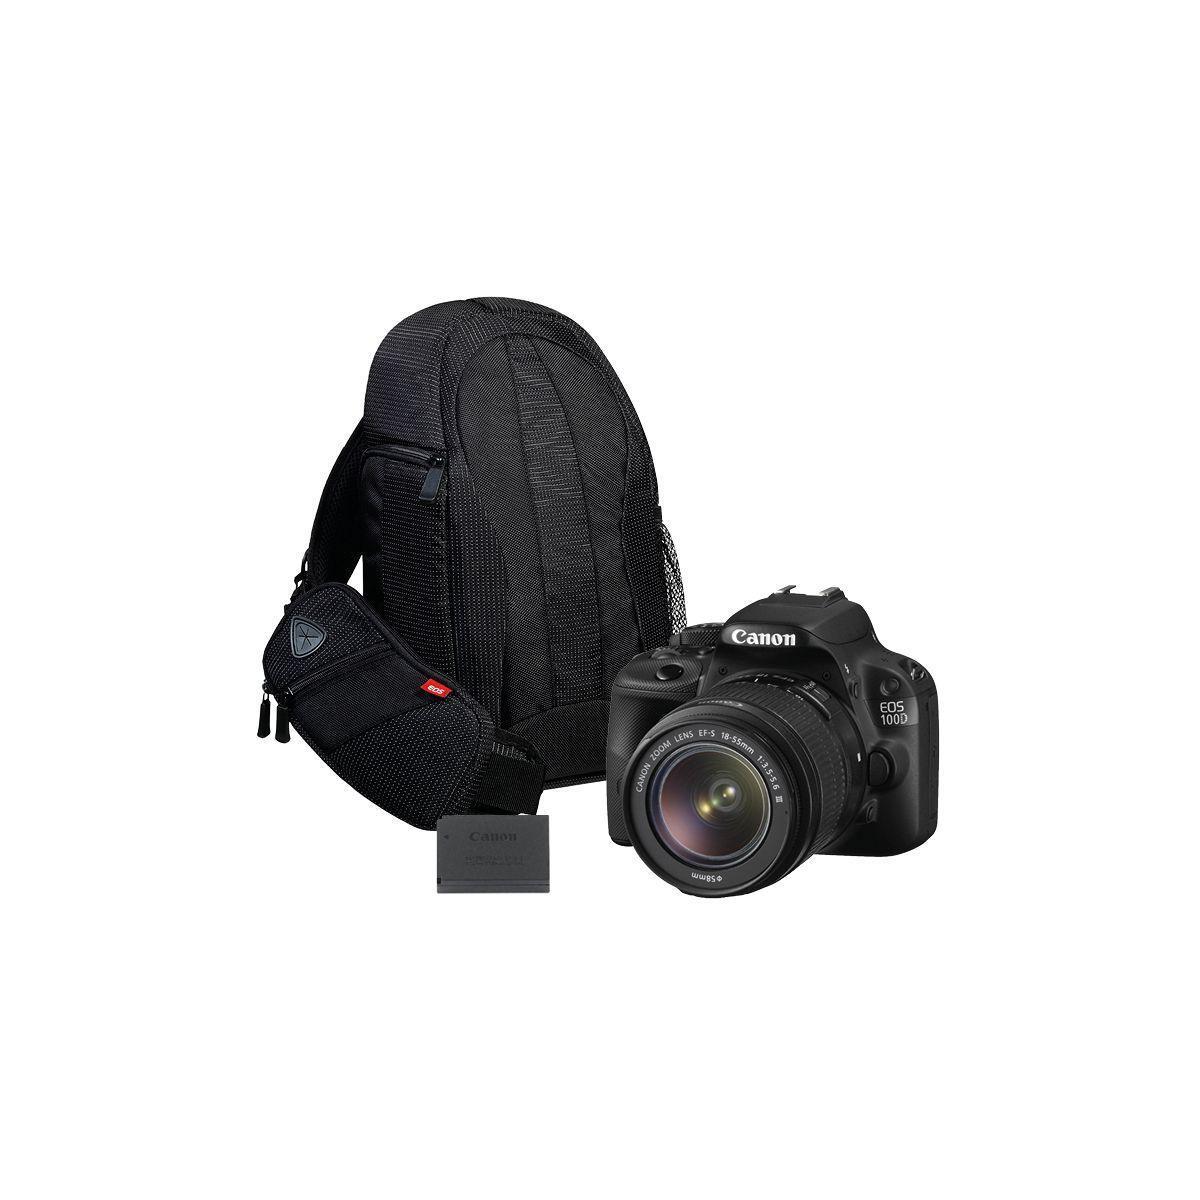 Pack promo appareil photo reflex canon eos 100d + 18-55 dc + 2e batterie + sac + carte mémoire sd lexar 128go 1000x professional sdhc uhs2 - livraison